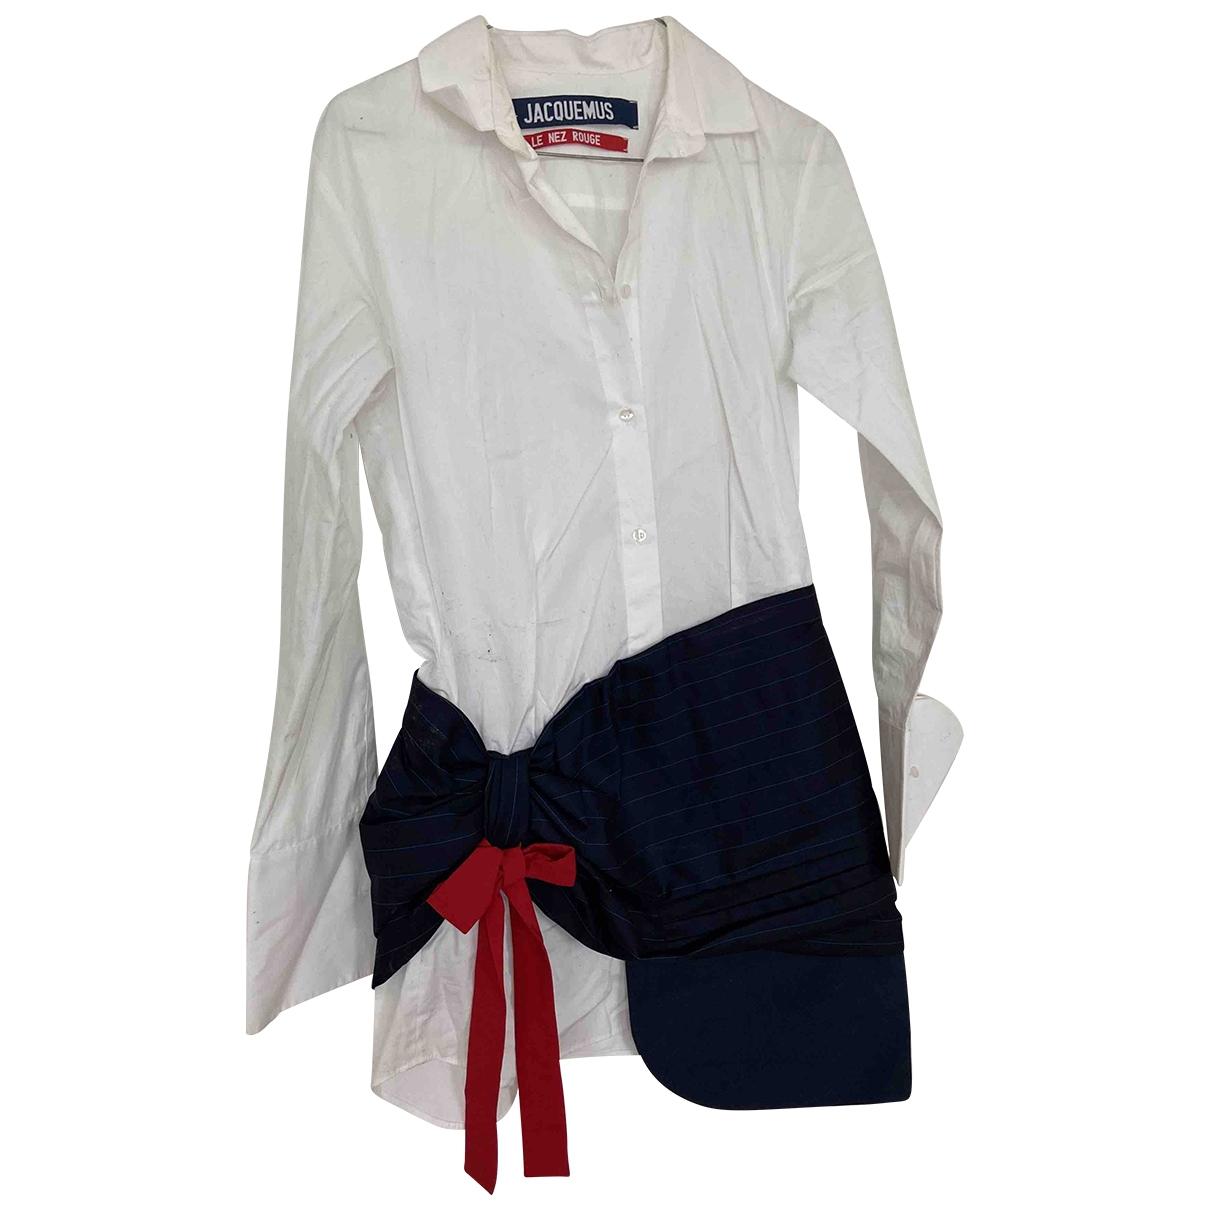 Jacquemus Le Nez Rouge Blue Cotton dress for Women 38 FR